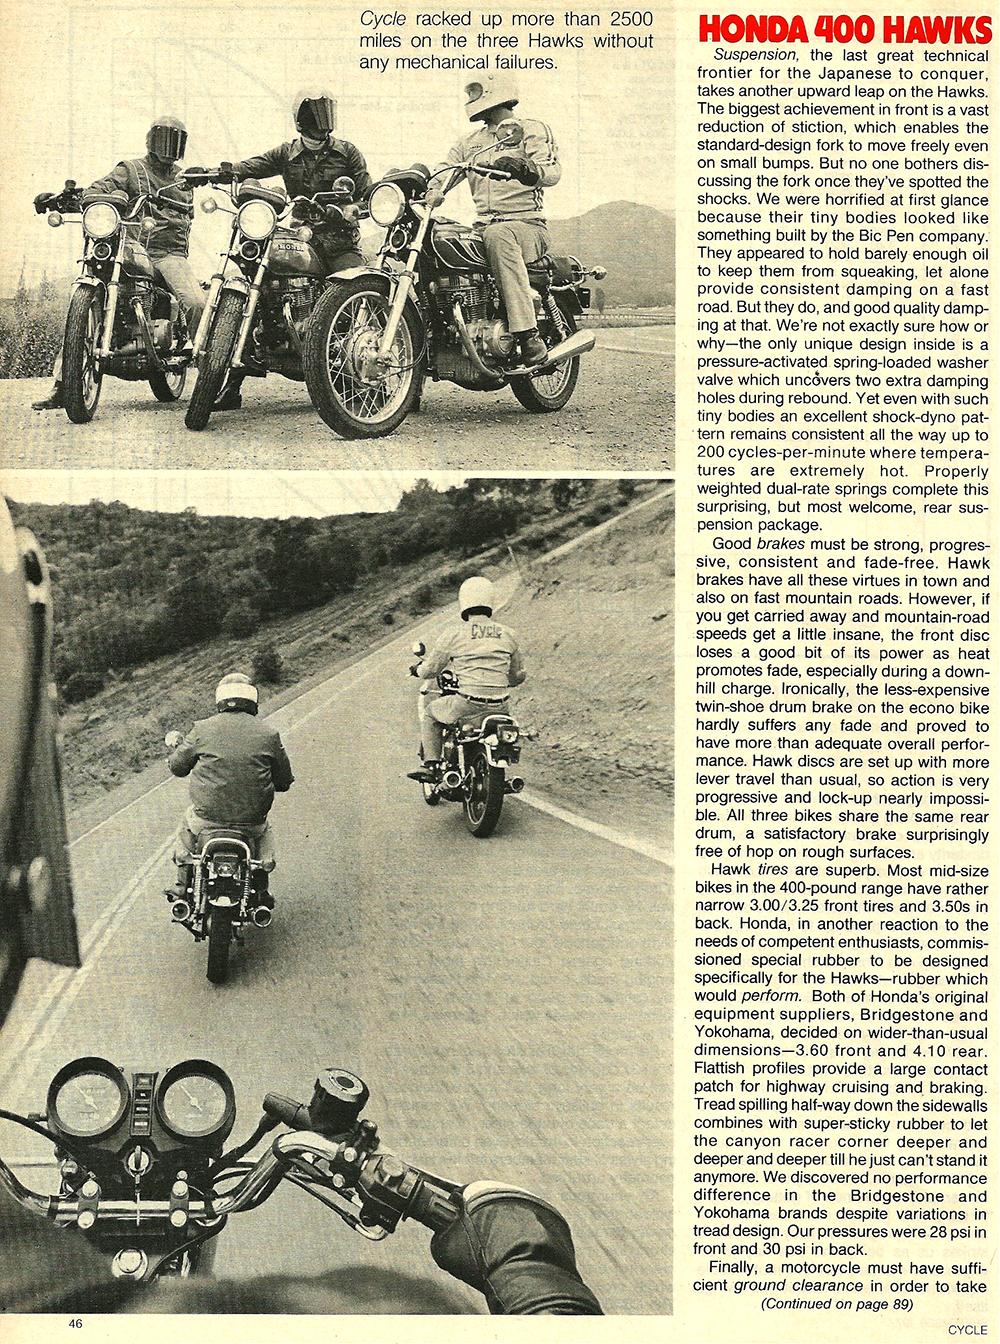 1977 Honda 400 Hawk road test 09.jpg